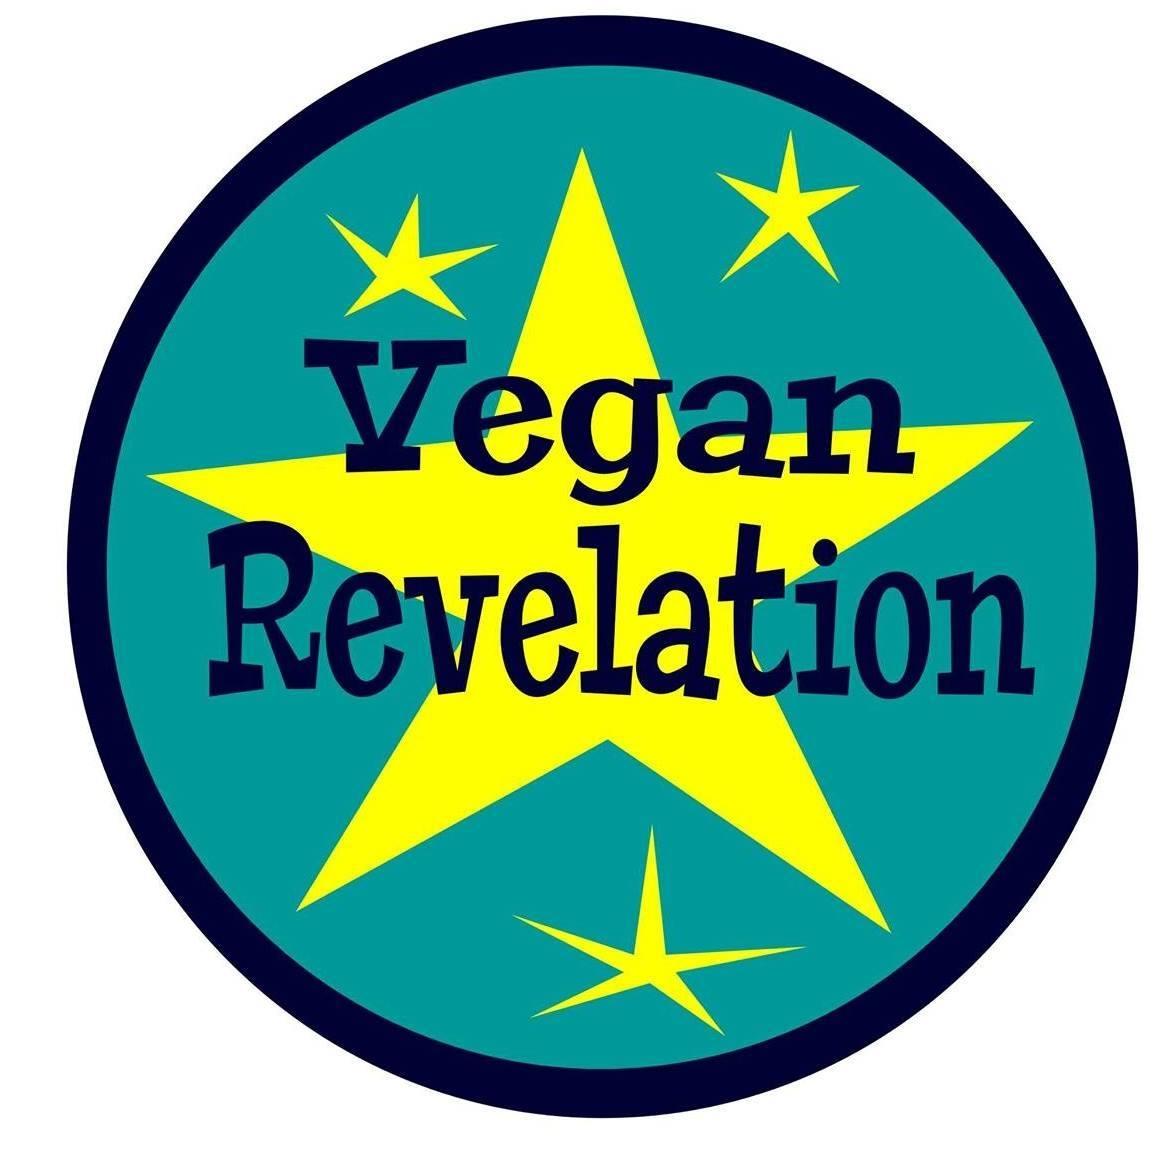 veganrevelation.jpg